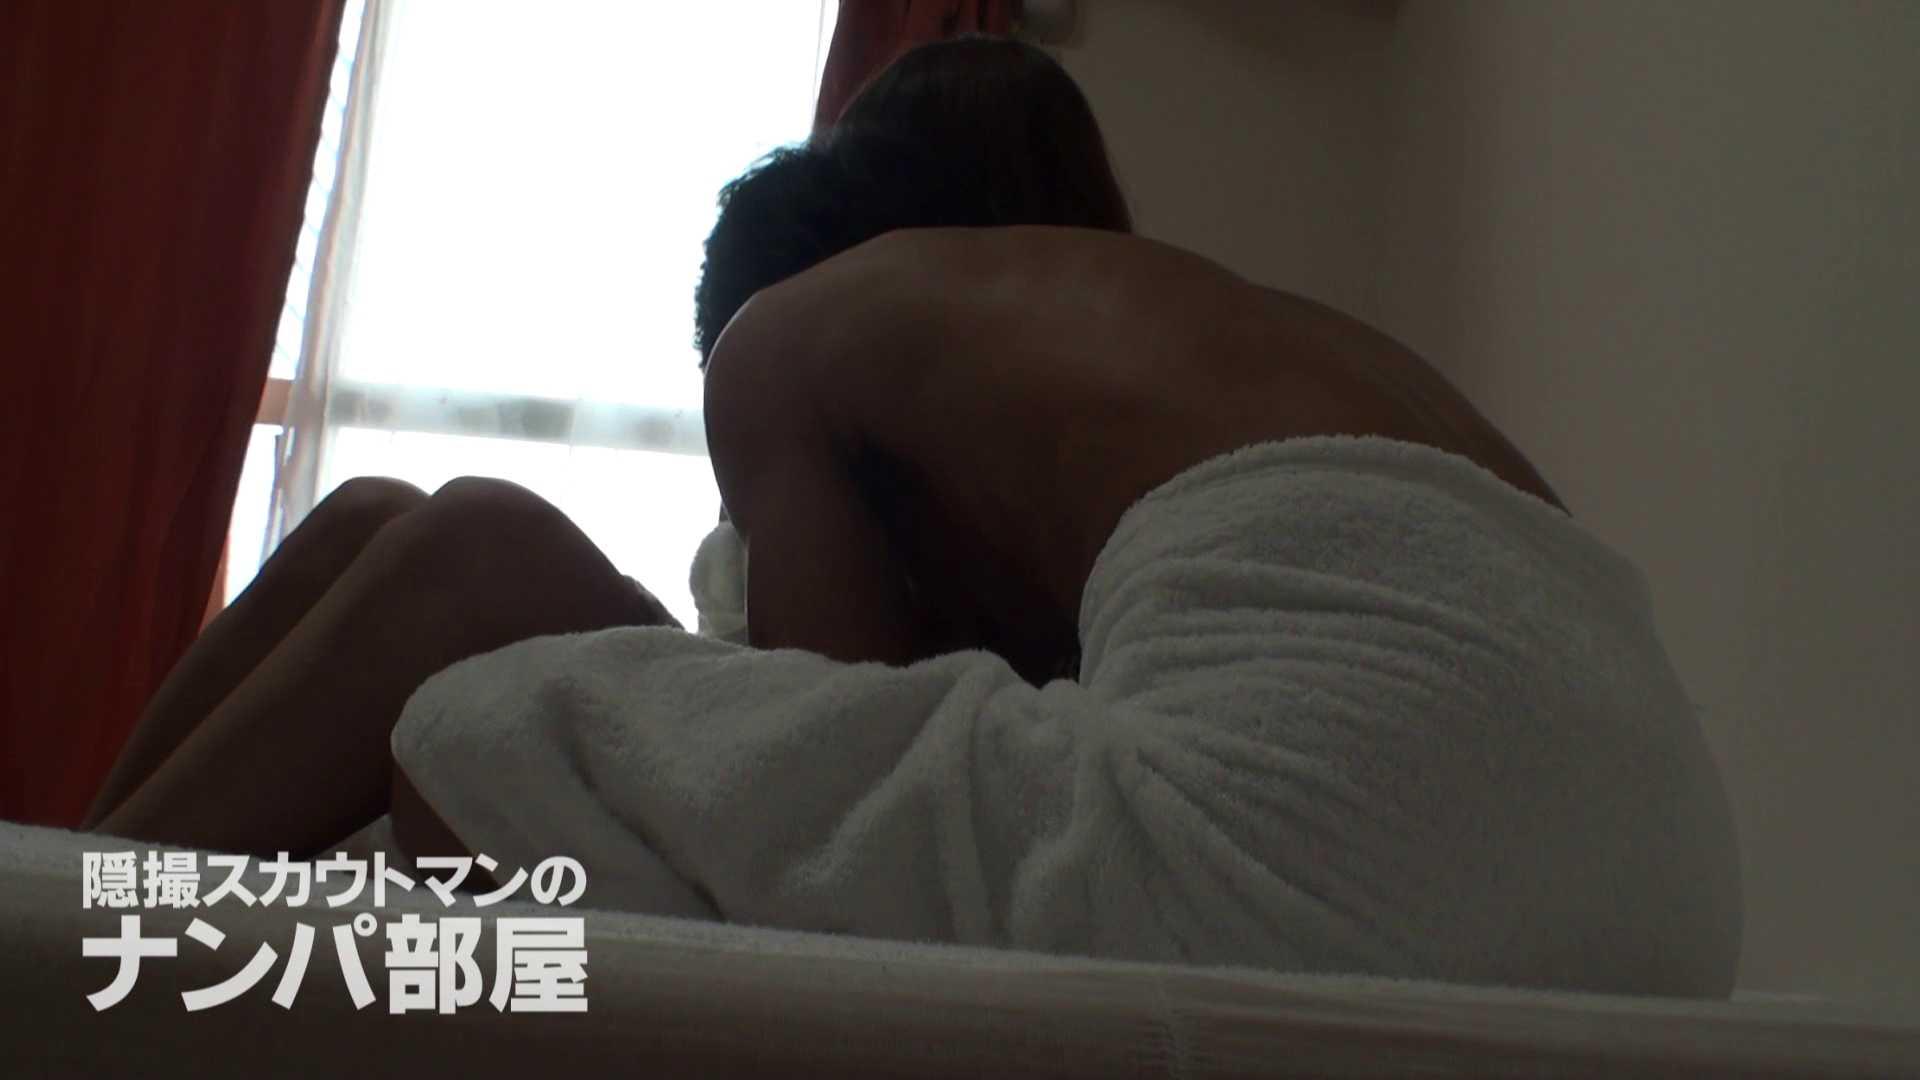 隠撮スカウトマンのナンパ部屋~風俗デビュー前のつまみ食い~ sii 隠撮  84連発 55